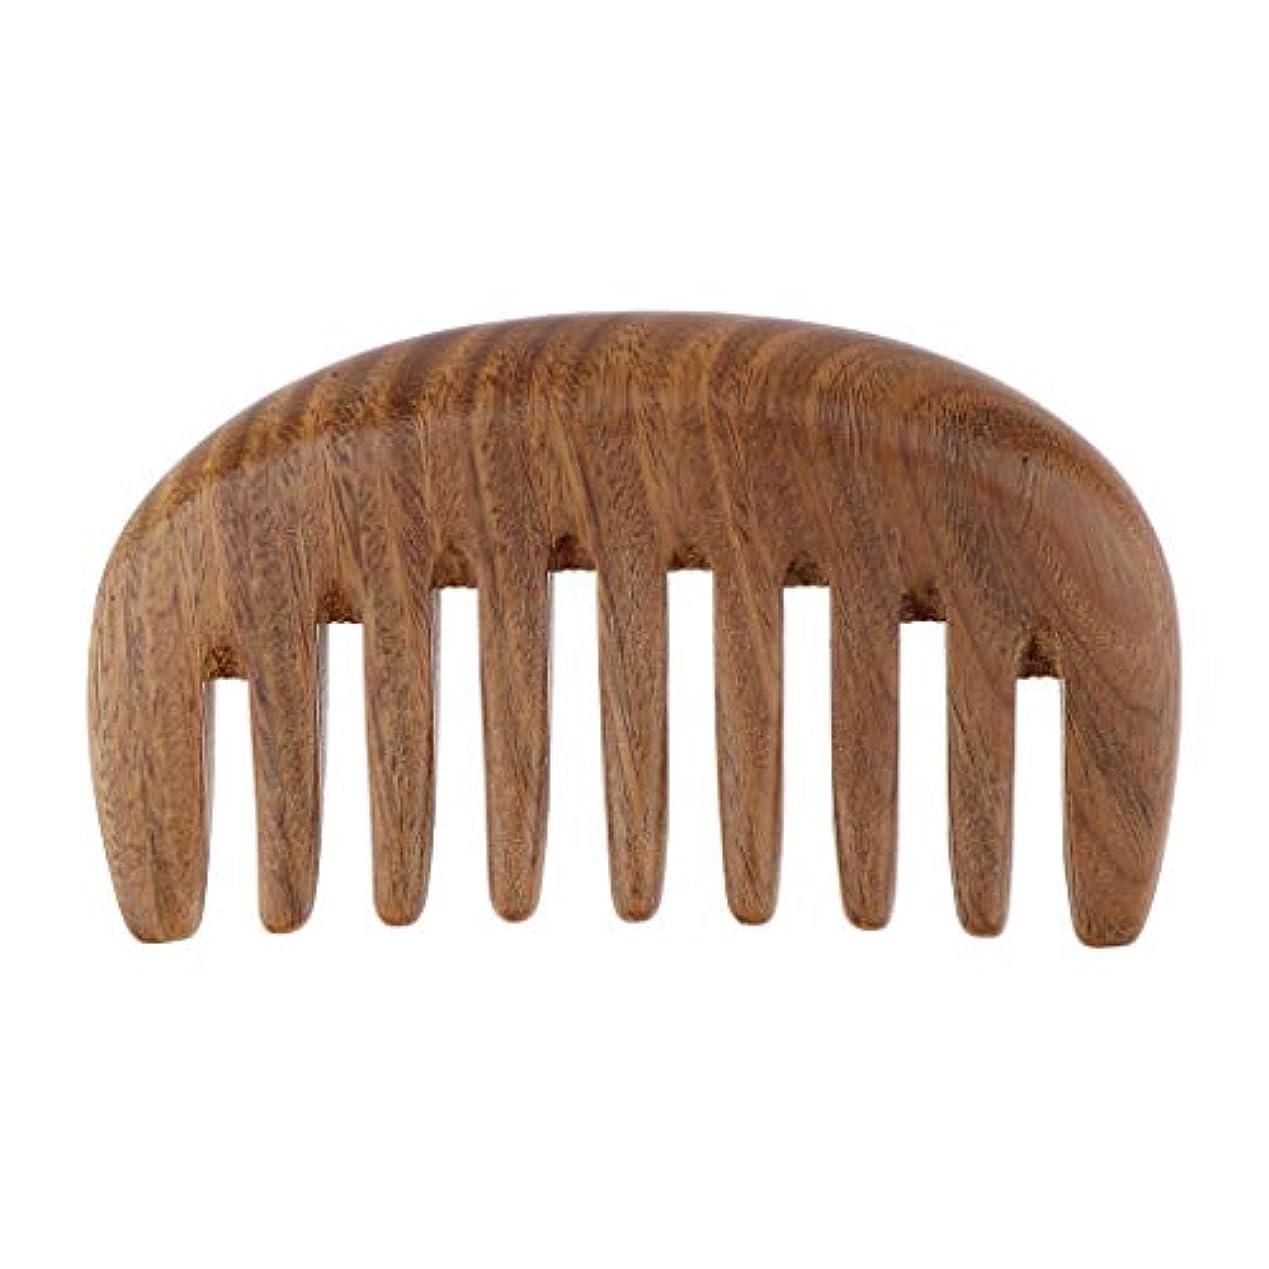 バンだます恐怖ヘアブラシ 木製 ヘアコーム ウッドコーム 帯電防止櫛 ヘアケア くし 櫛 3色選べ - ベラウッド